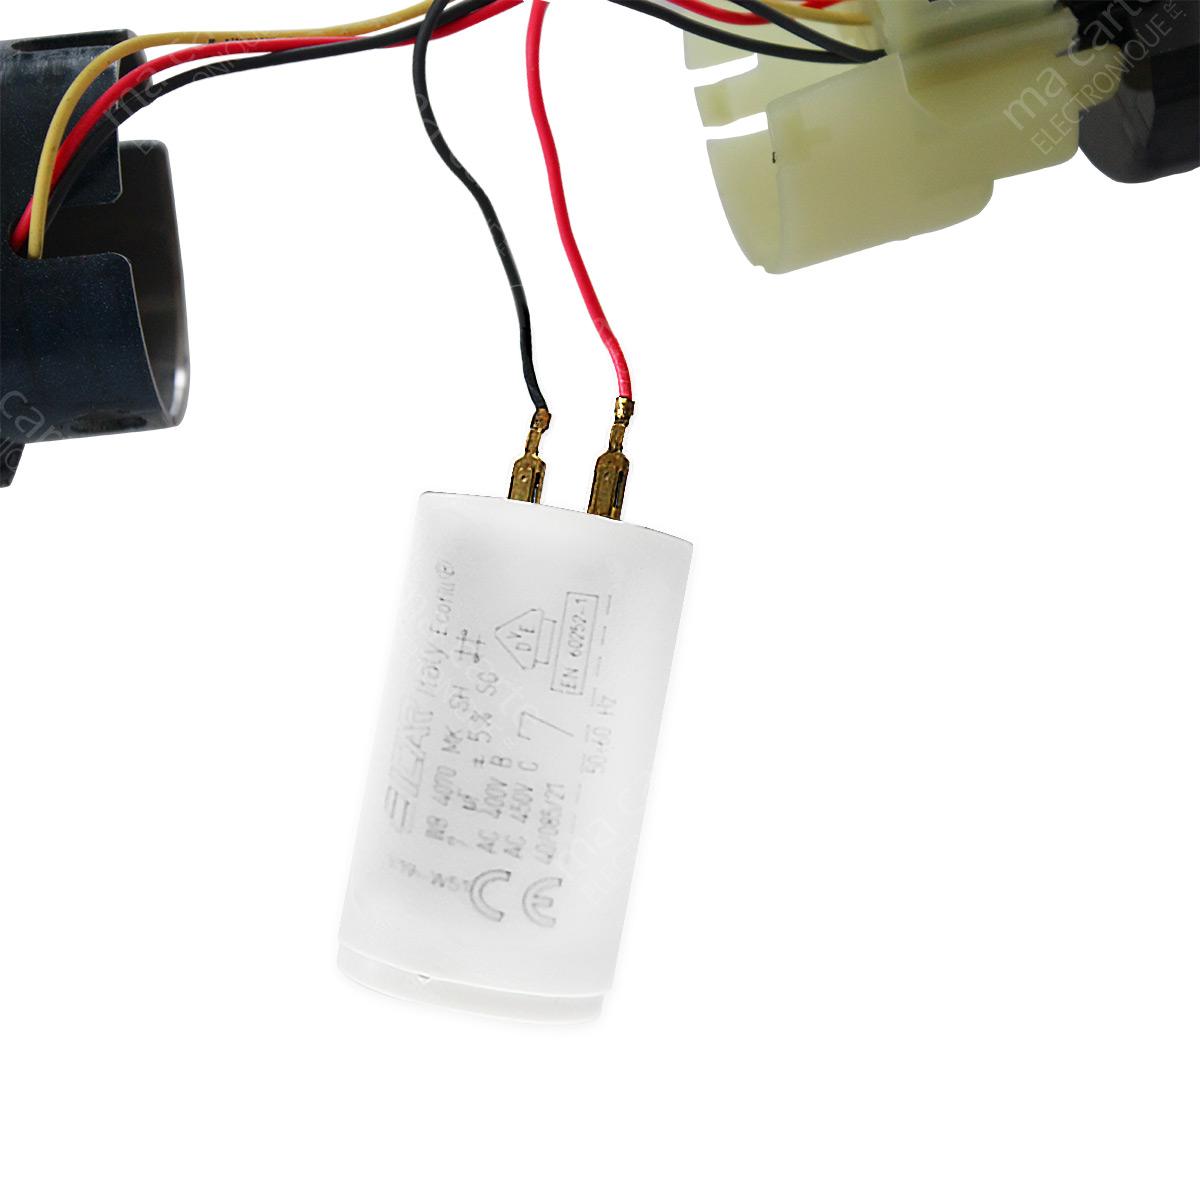 Condensateur 7uf 7µf Pour Moteur De Volet Store Somfy Et Simu Cosses Faston 2 8mm Ma Carte Electronique